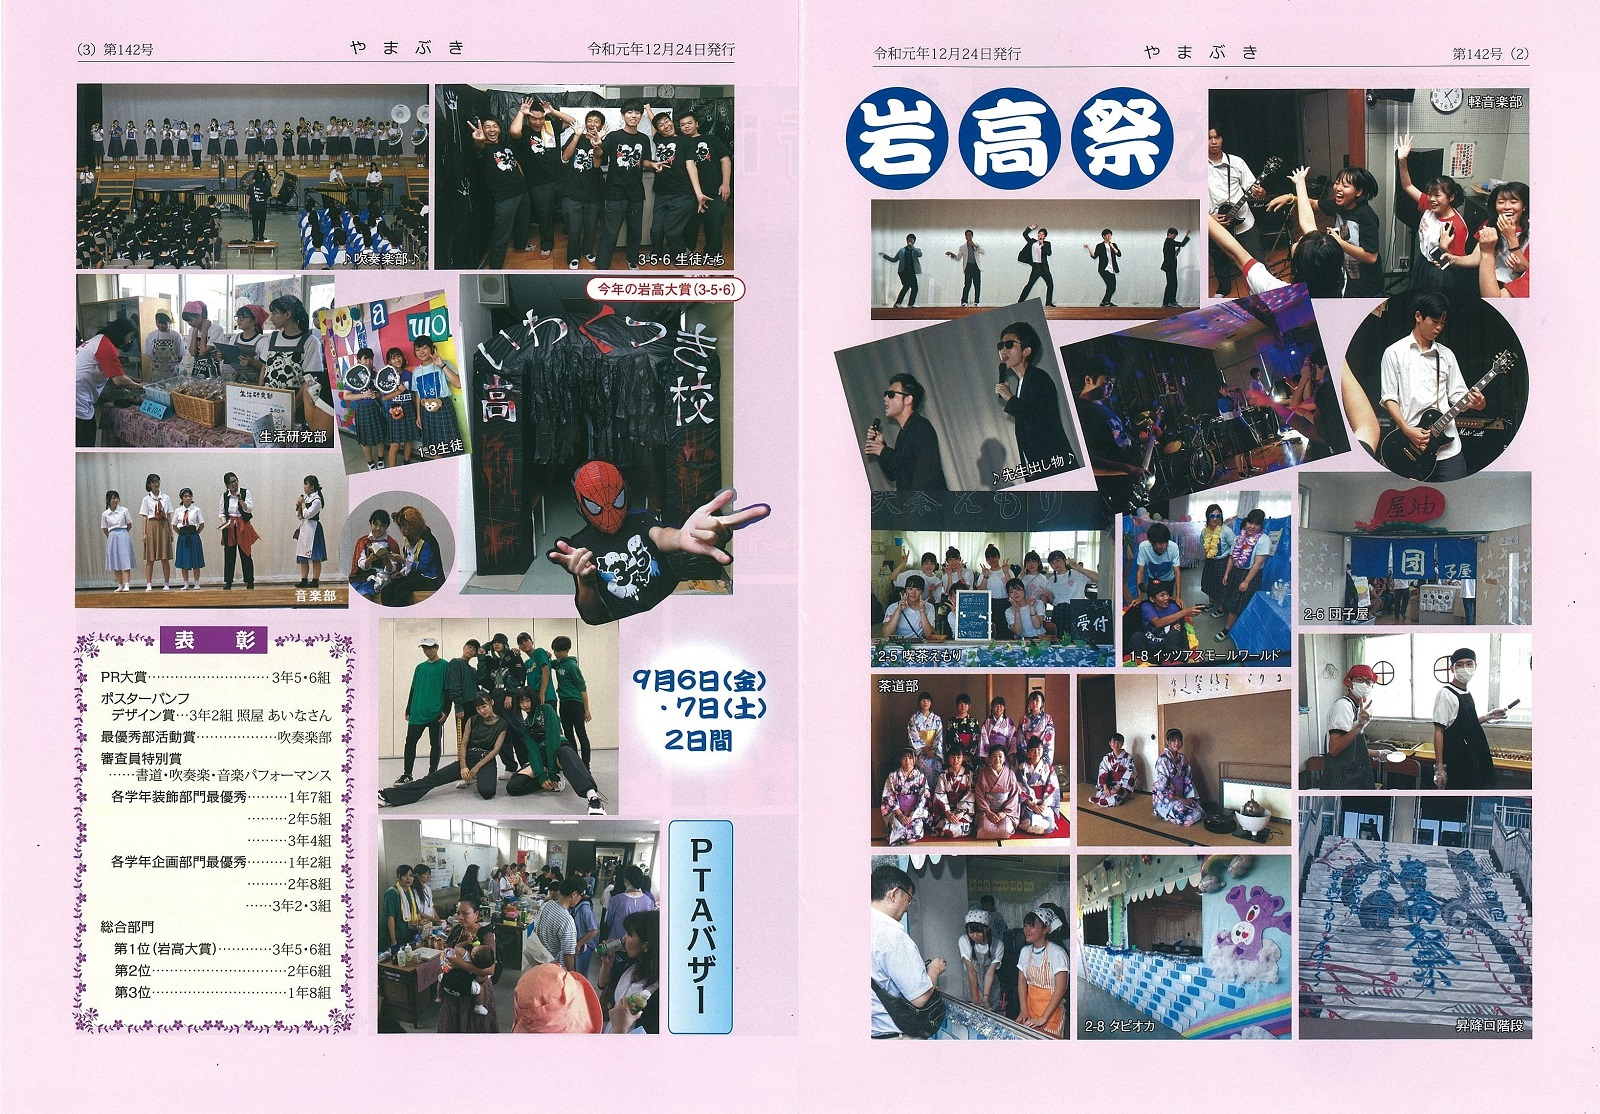 やまぶき第142号(令和元年12月24日発行)2・3ページ